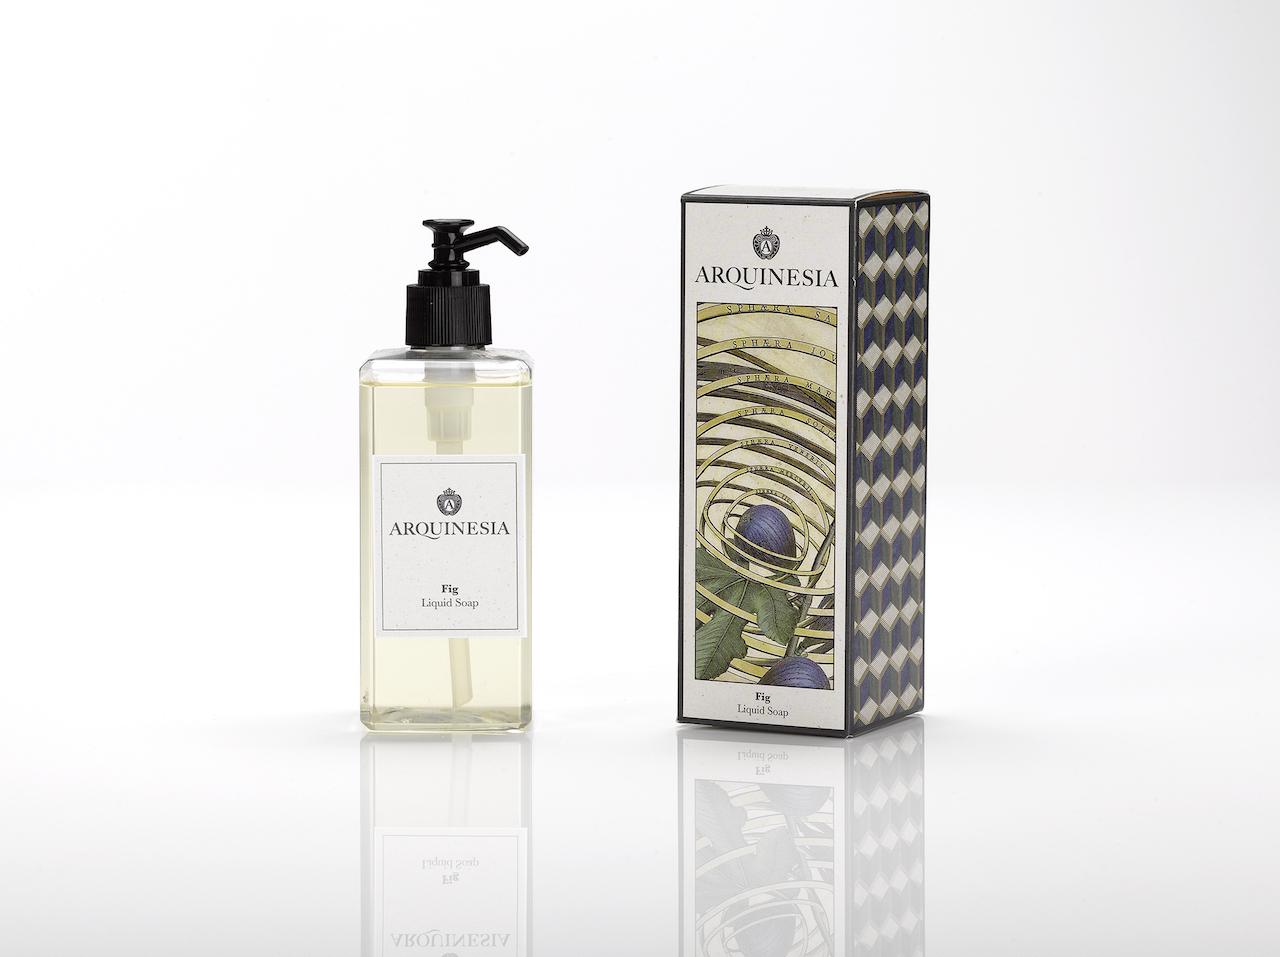 Die Arquinesia Flüssigseife reinigt sanft die Hände, ohne sie austrocknen zu lassen und hat einen erfrischenden Duft. Die Flüssigseife ist ein natürliches Produkt, vegan und frei von Silikon, Paraffin, Farbstoffen und synthetischen Konservierungsstoffen. 300 ml Flüssigseife mit dem Fig Duft.